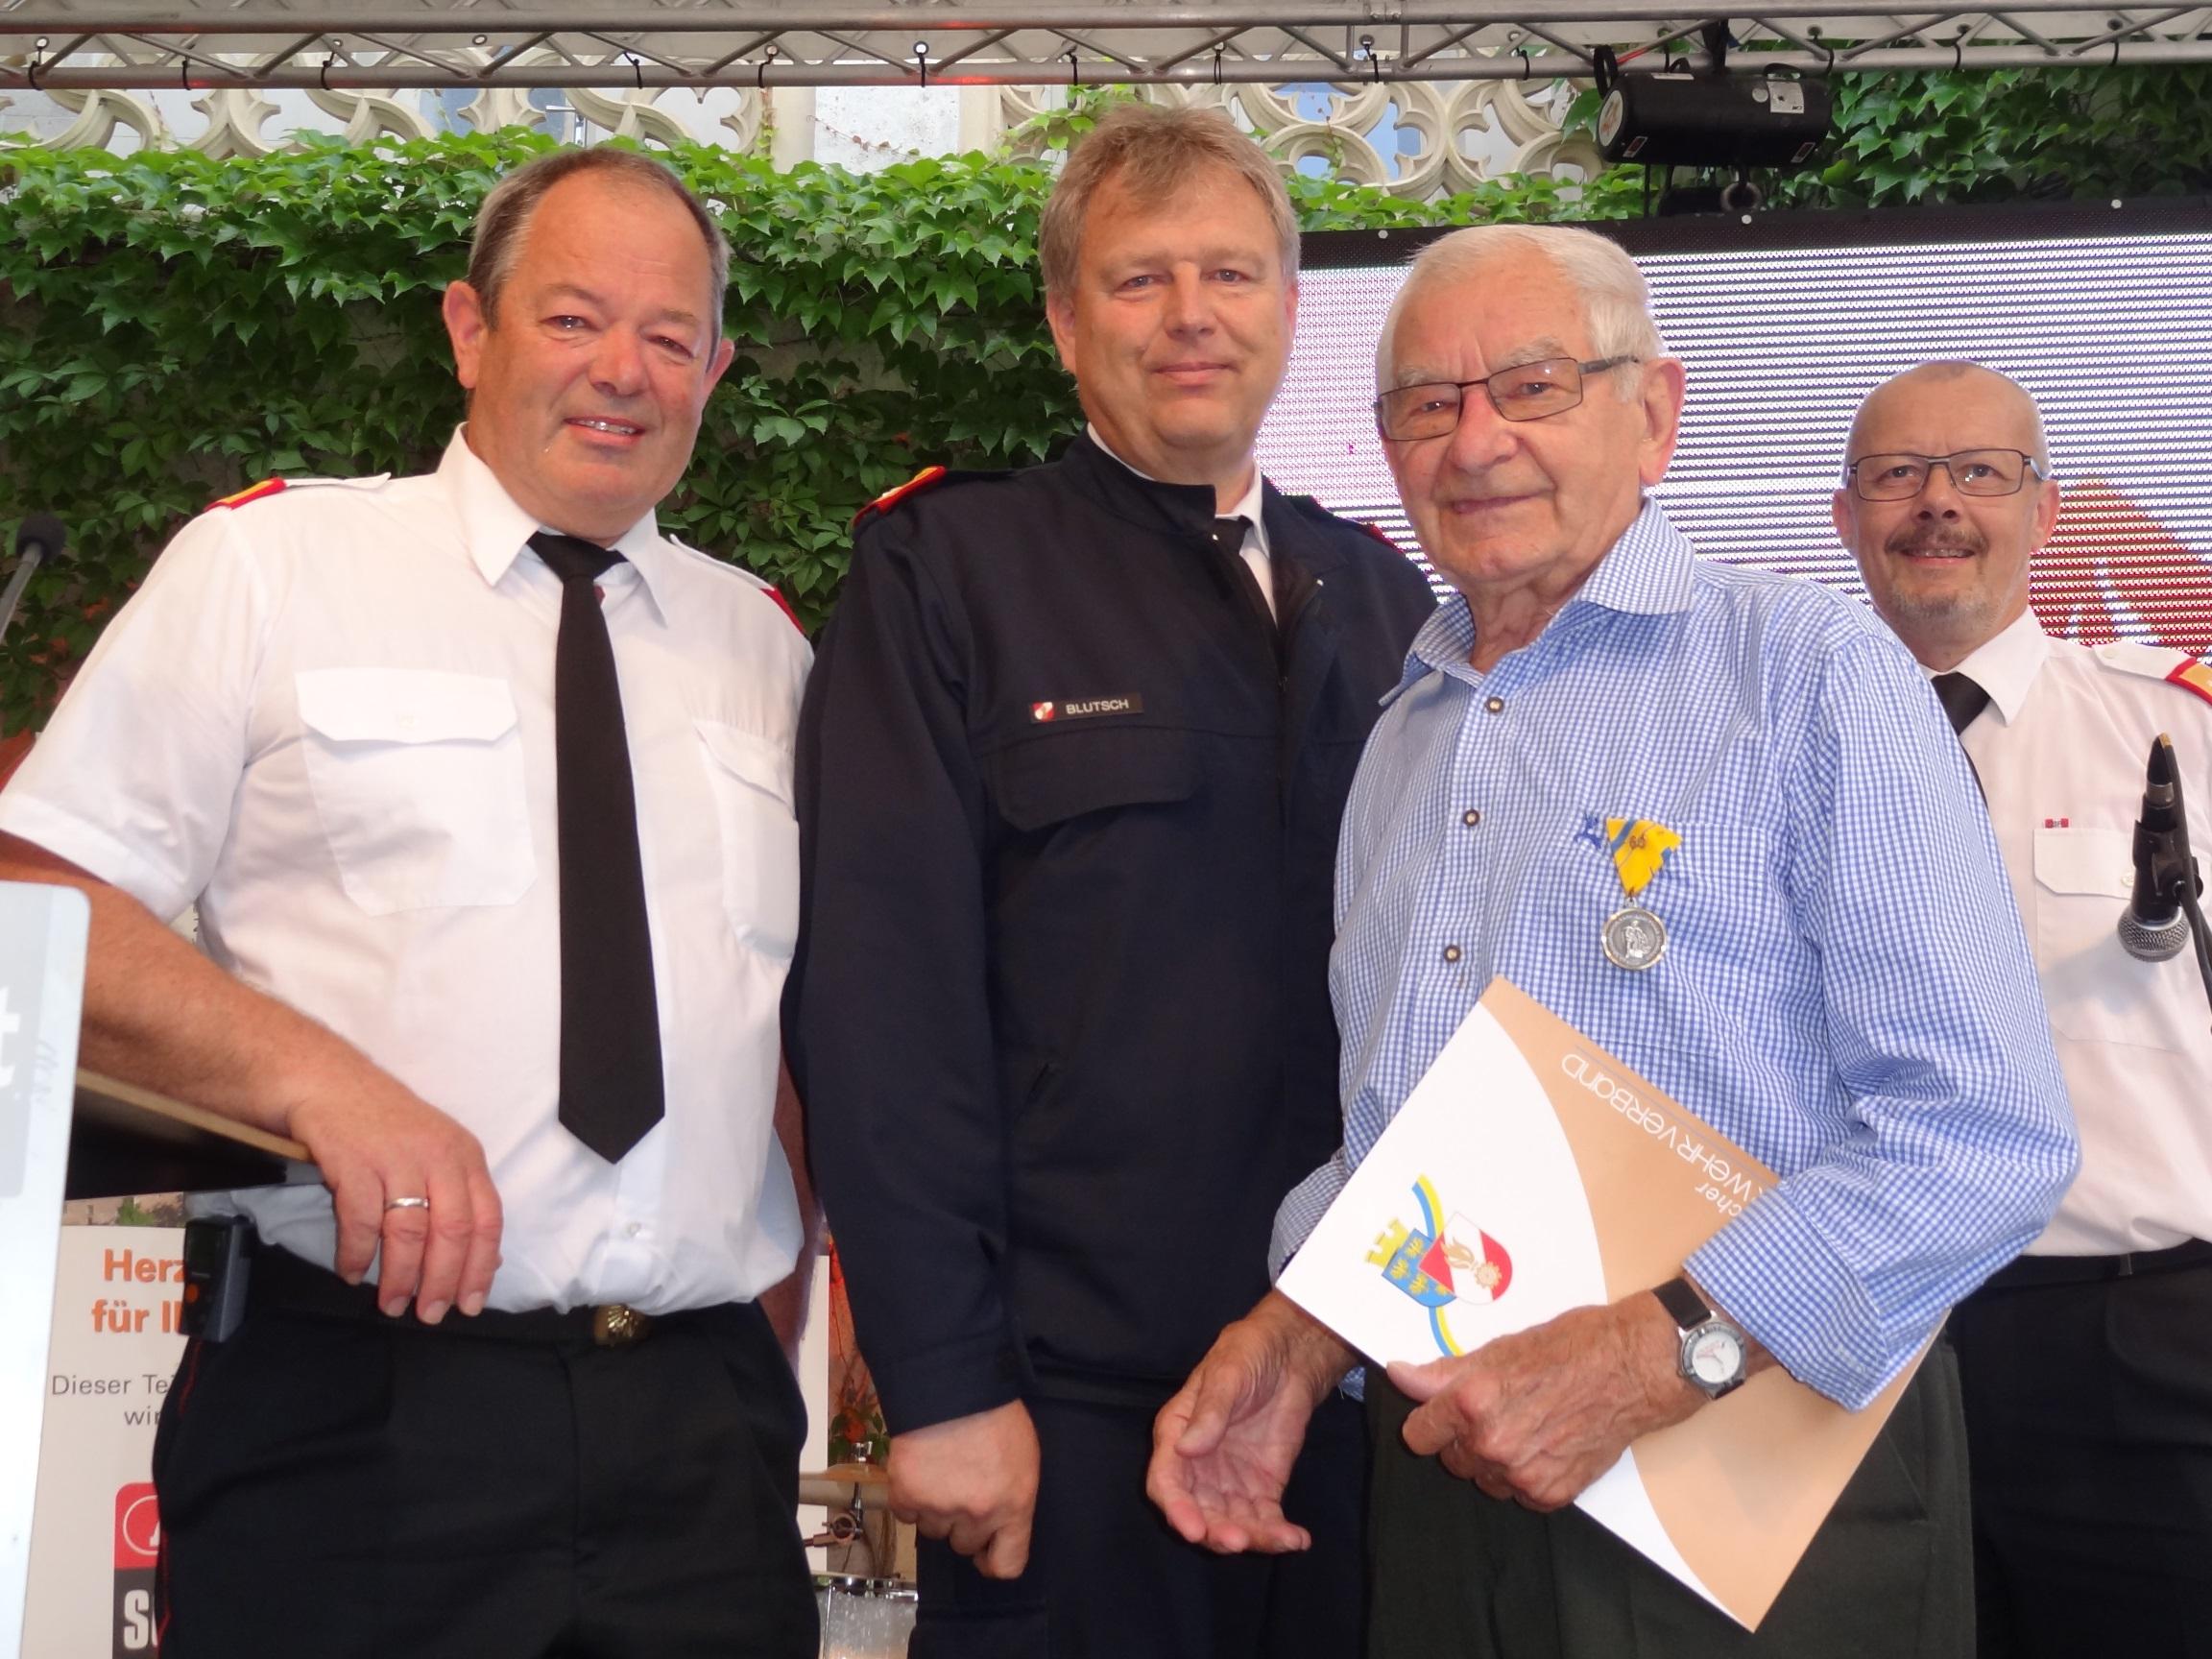 Ehrenmedaille für 60 Jahre verdienstvolle Tätigkeit im Feuerwehrwesen an EBR Johann Engelbrechtsmüller